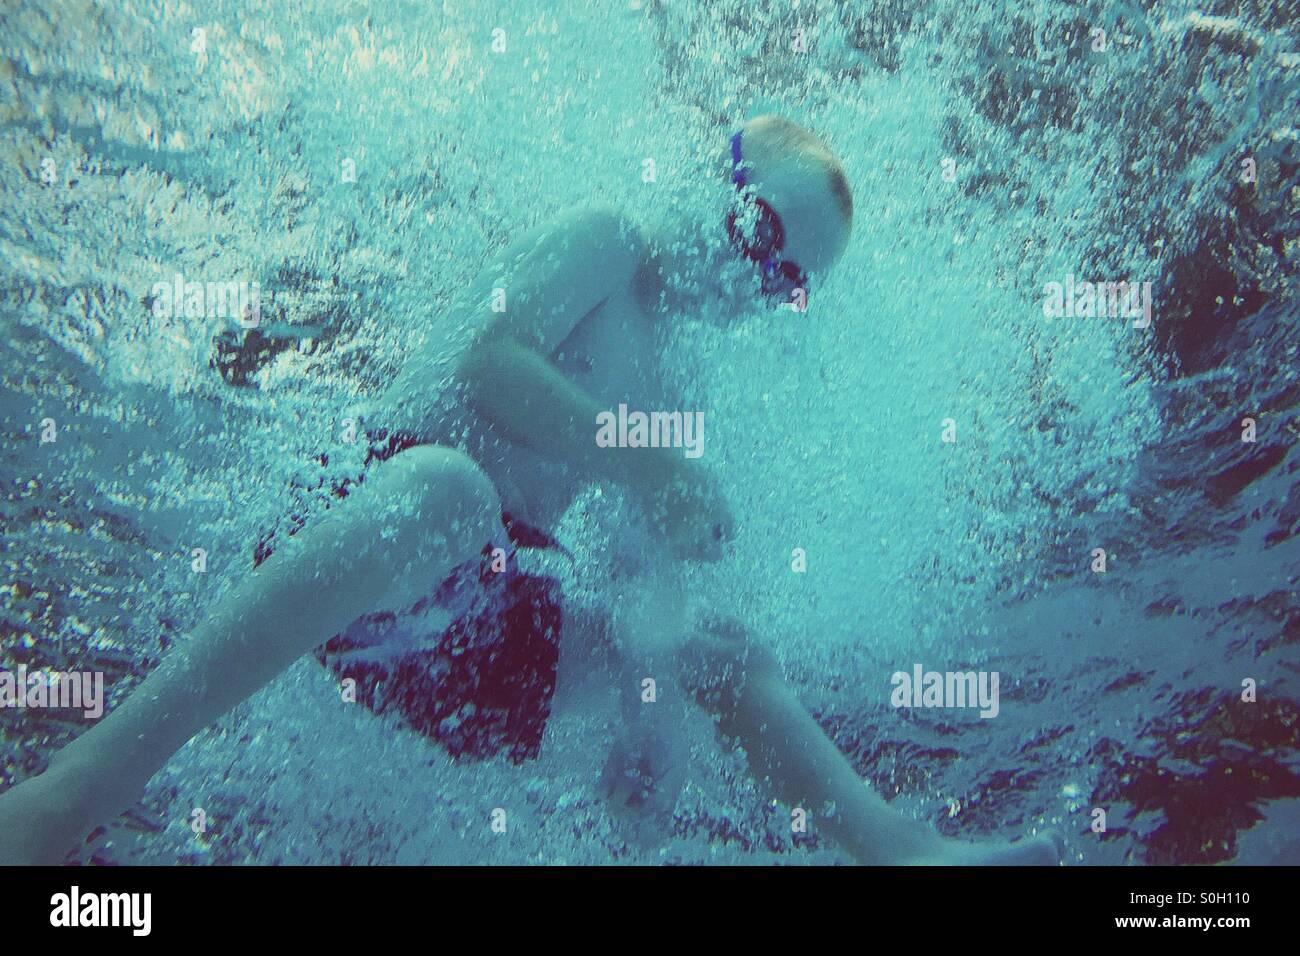 Dynamic underwater shot di un giovane ragazzo in immersione in acqua, come visto dal di sotto. Immagini Stock